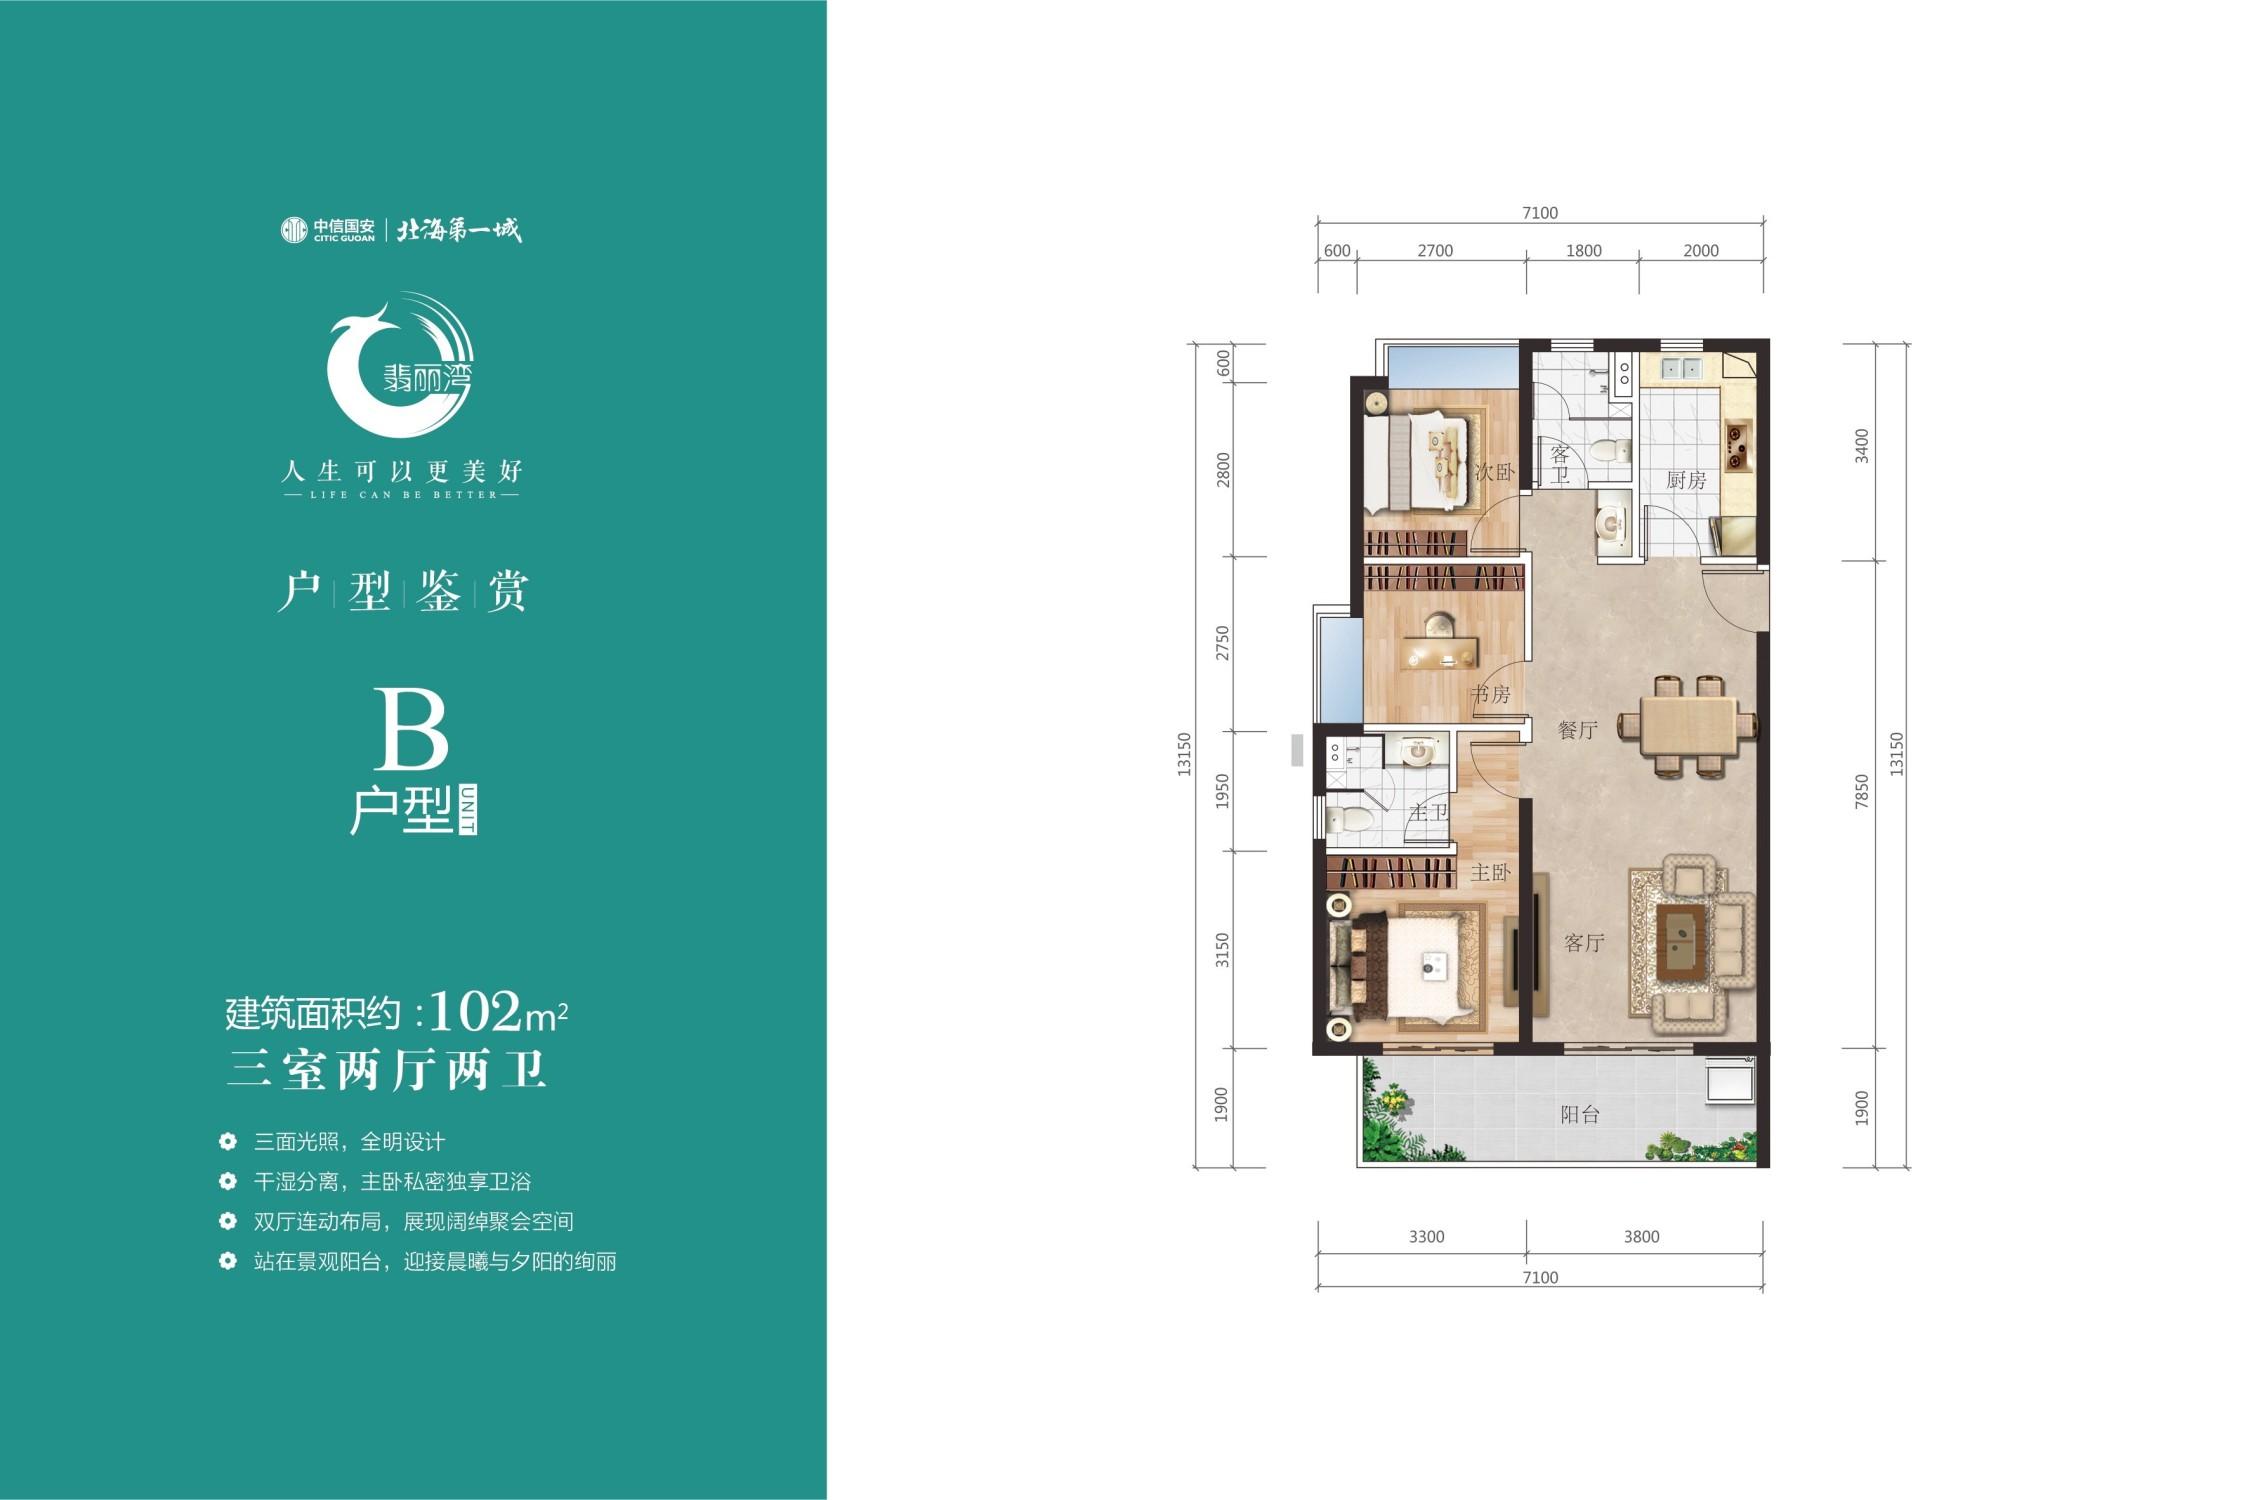 翡丽湾B户型建面约102㎡三室两厅